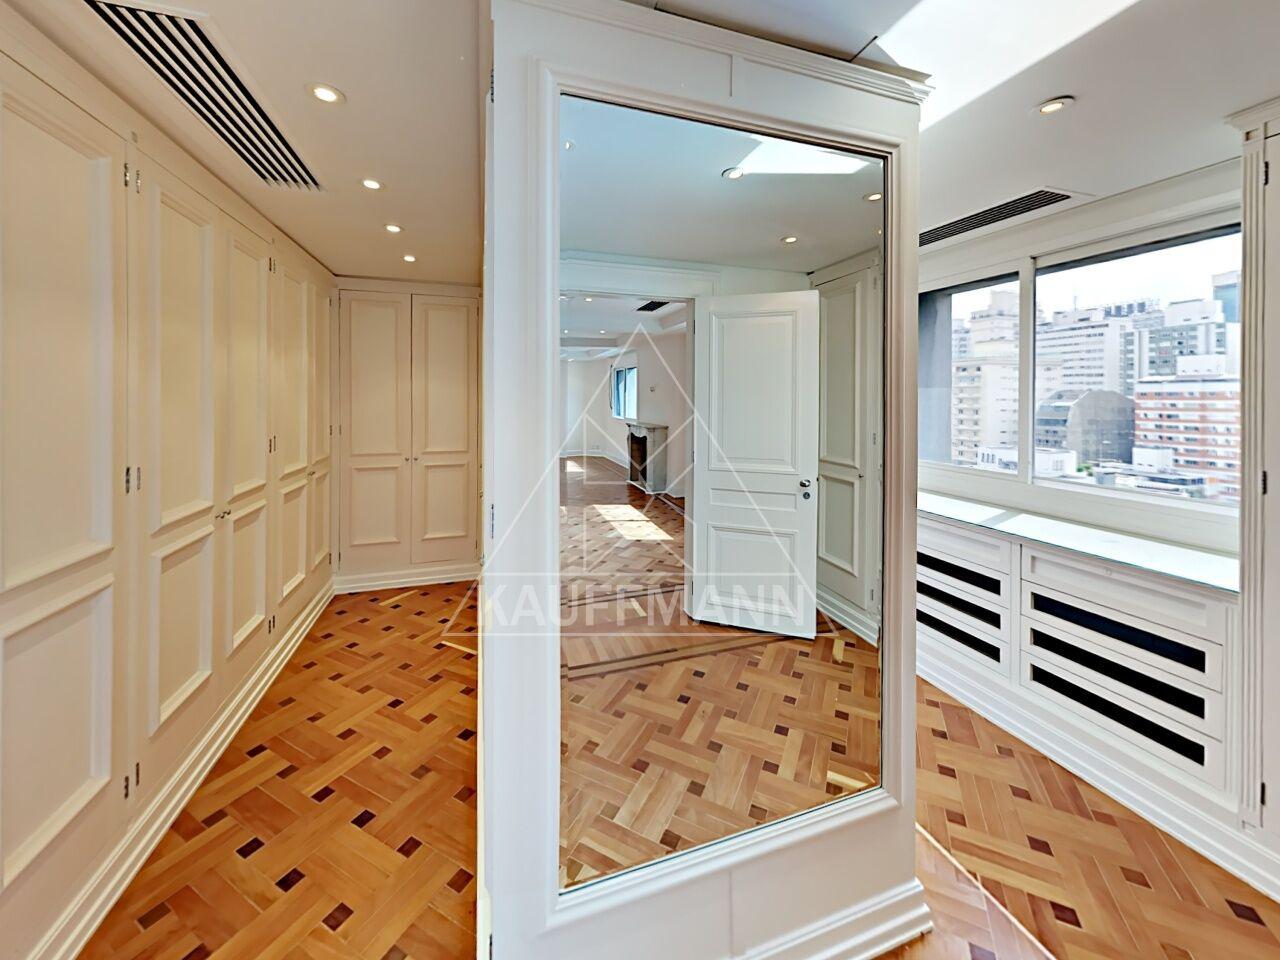 apartamento-venda-sao-paulo-jardim-america-regency-6dormitorios-6suites-7vagas-1099m2-Foto22